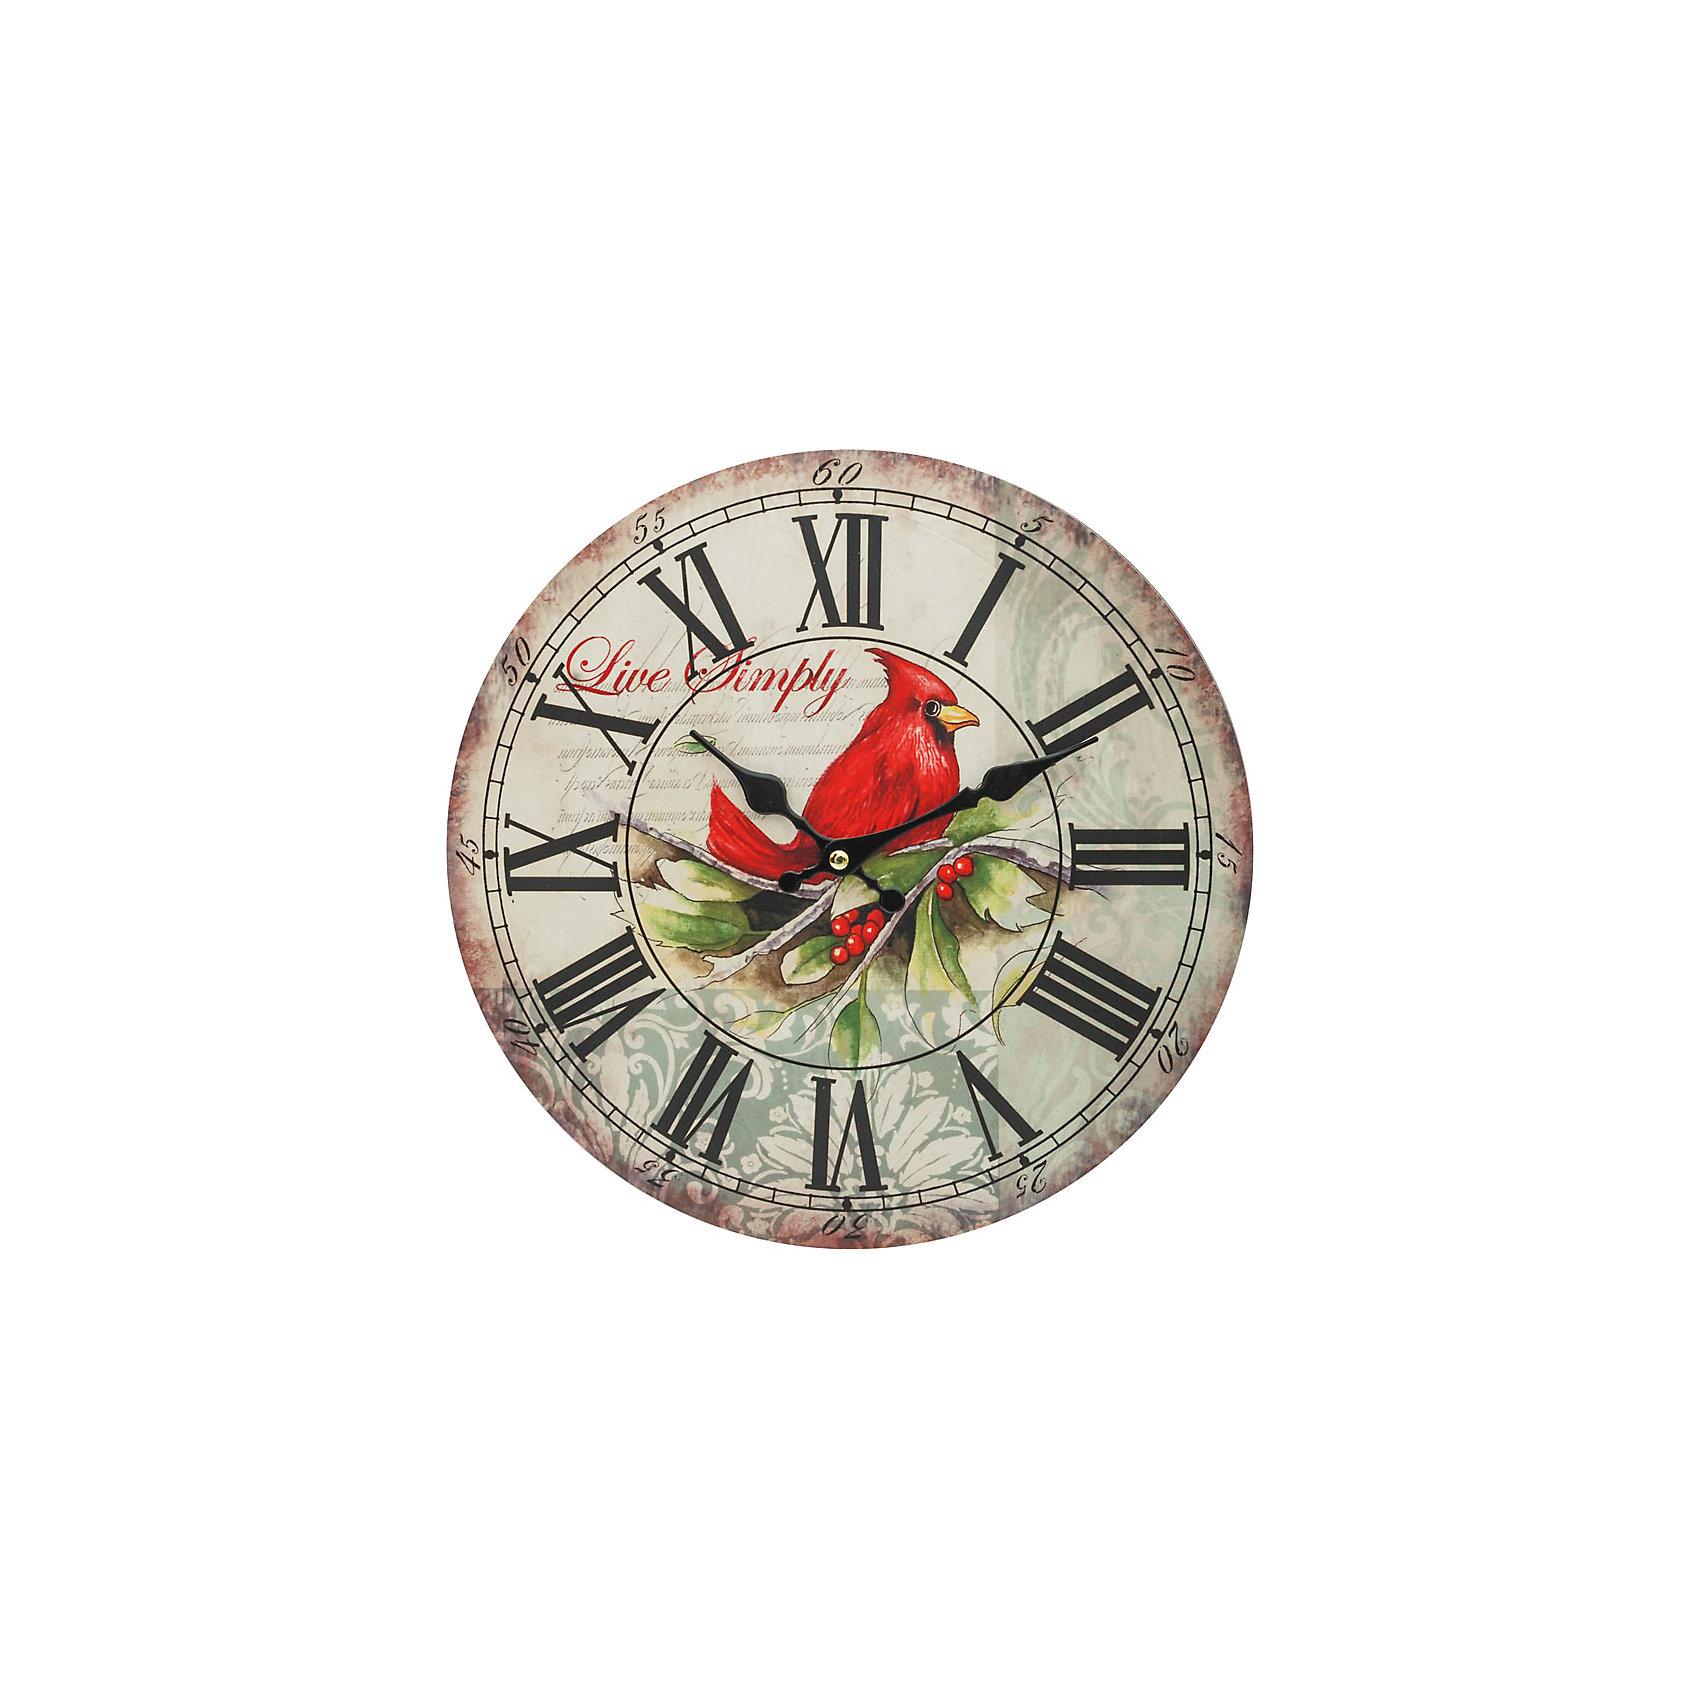 Часы настенные Красный кардинал, диаметр 34 смПредметы интерьера<br>Часы настенные Красный кардинал, диаметр 34 см.<br><br>Характеристики:<br><br>- Диаметр: 34 см.<br>- Две стрелки часовая и минутная<br>- Батарейка: 1 типа АА (в комплект не входит)<br>- Основной цвет: серо-зеленый<br>- Упаковка картонная коробка<br><br>Кварцевые настенные часы с механизмом плавного хода помимо своего прямого назначения – показывать точное время – станут важным элементом декора Вашего дома, квартиры или офиса. Открытый циферблат часов выполнен из листа оргалита с декоративным покрытием, оформлен ярким изображением птицы. Часовая и минутная стрелки металлические. Часовой механизм закрыт пластиковым корпусом. Часы будут ярким акцентом в интерьере и создадут дополнительный уют и хорошее настроение.<br><br>Часы настенные Красный кардинал, диаметр 34 см можно купить в нашем интернет-магазине.<br><br>Ширина мм: 345<br>Глубина мм: 340<br>Высота мм: 45<br>Вес г: 2500<br>Возраст от месяцев: 72<br>Возраст до месяцев: 144<br>Пол: Унисекс<br>Возраст: Детский<br>SKU: 5089829